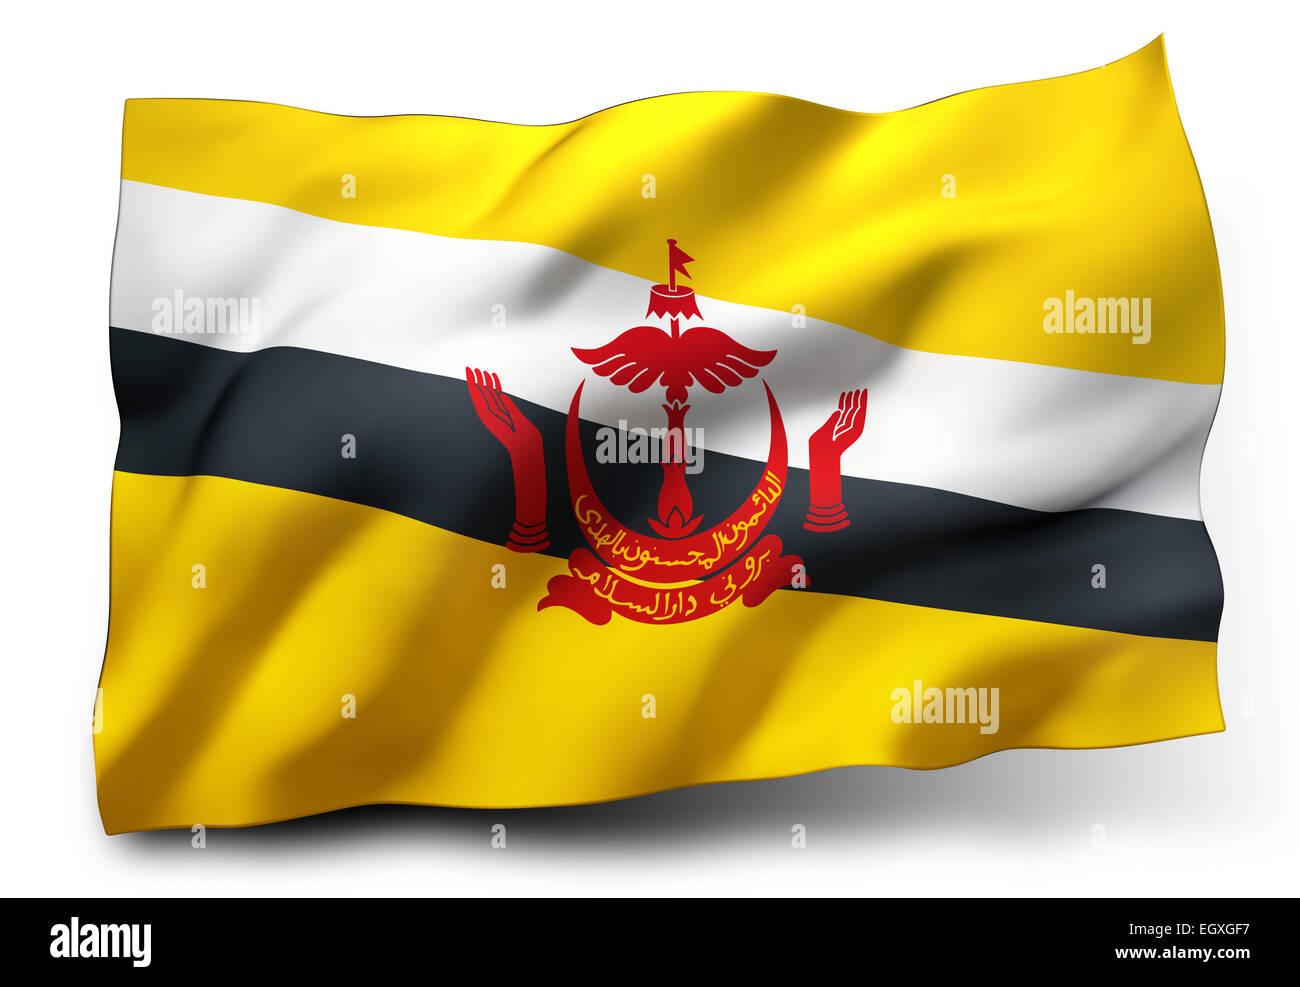 Sventola bandiera del Brunei isolati su sfondo bianco Immagini Stock